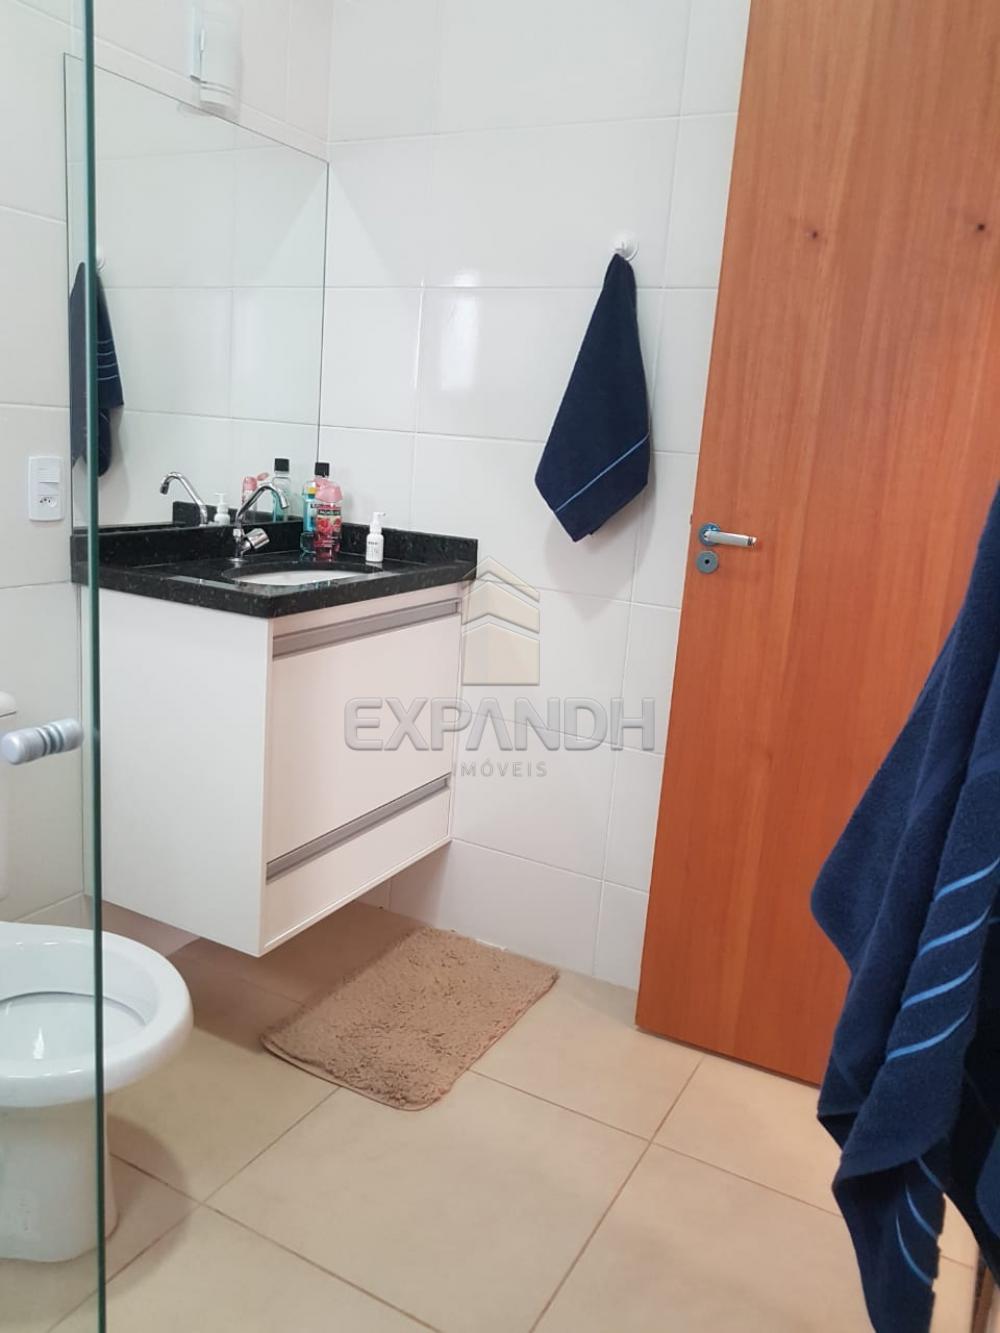 Comprar Apartamentos / Padrão em Sertãozinho apenas R$ 220.000,00 - Foto 15